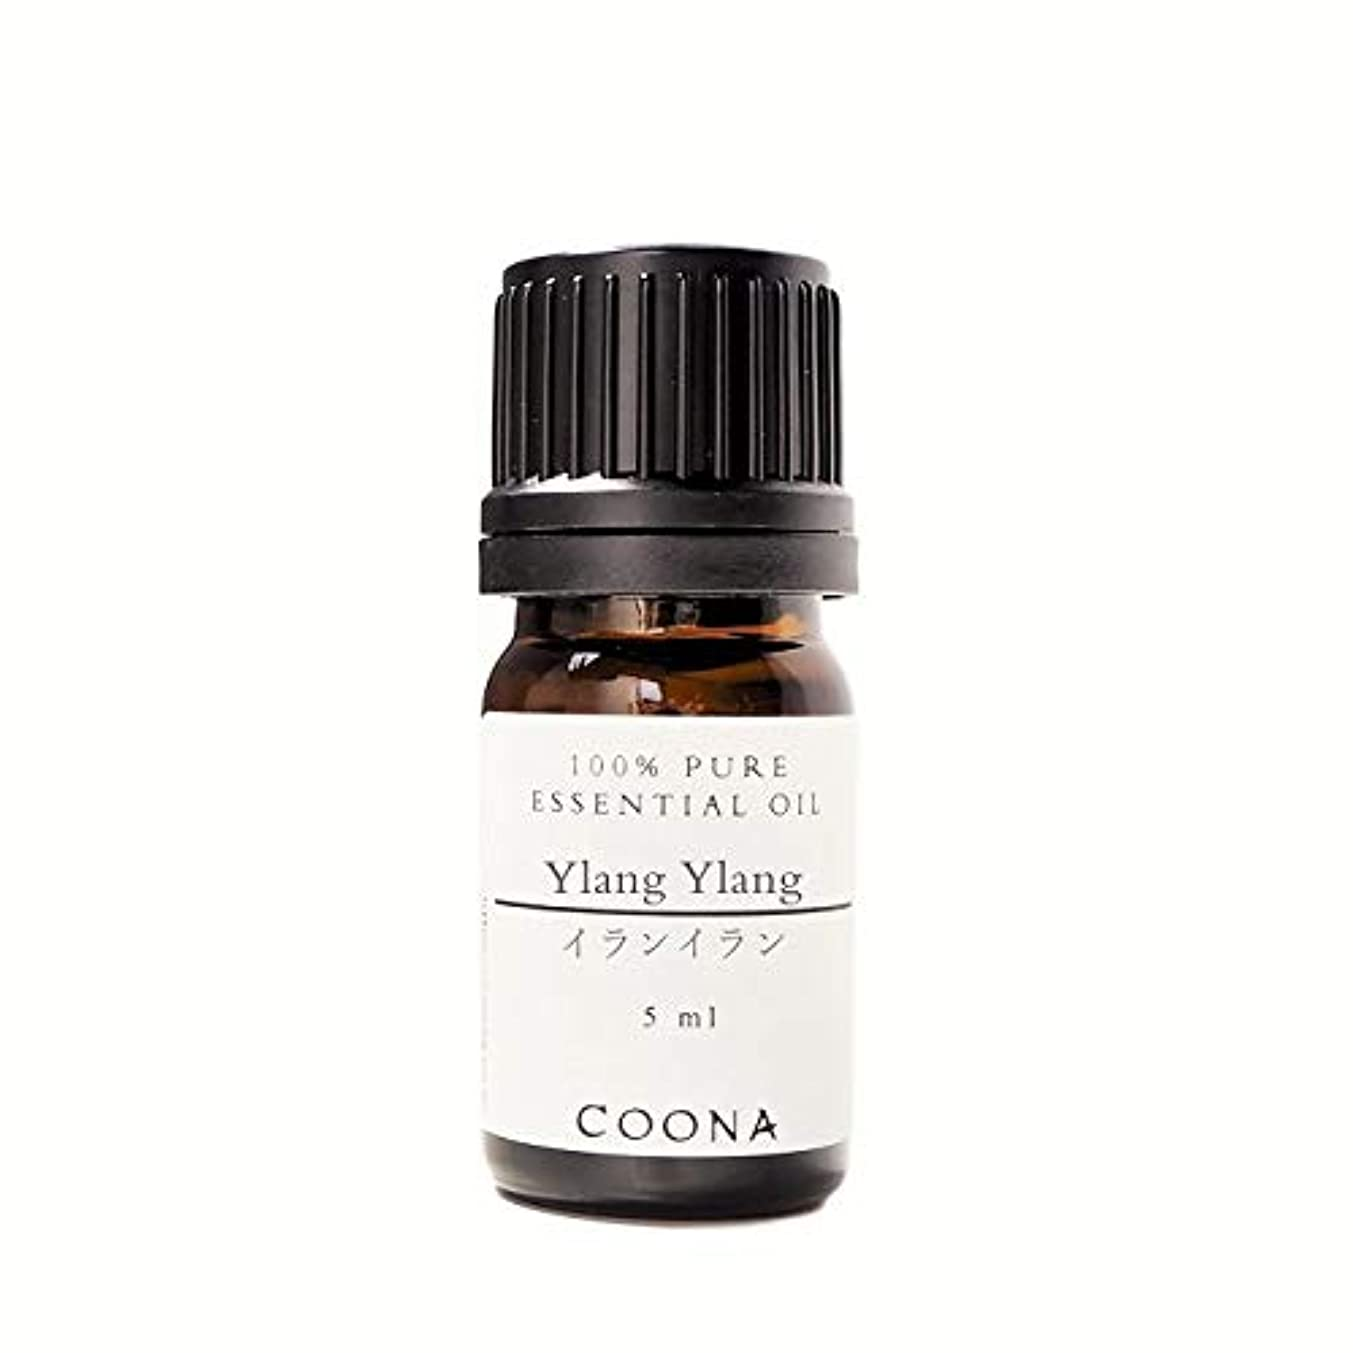 接尾辞防止提案するイランイラン 5 ml (COONA エッセンシャルオイル アロマオイル 100%天然植物精油)